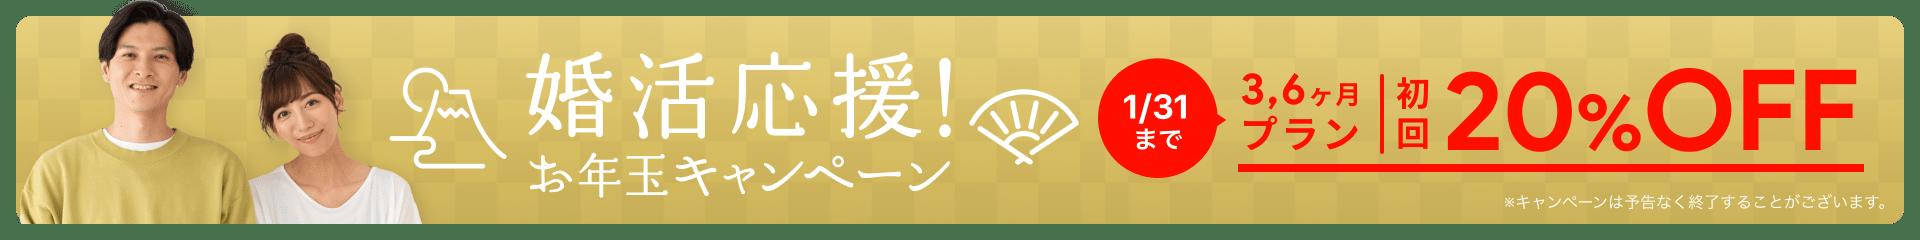 今だけ、最大9,960円お得に婚活スタート!